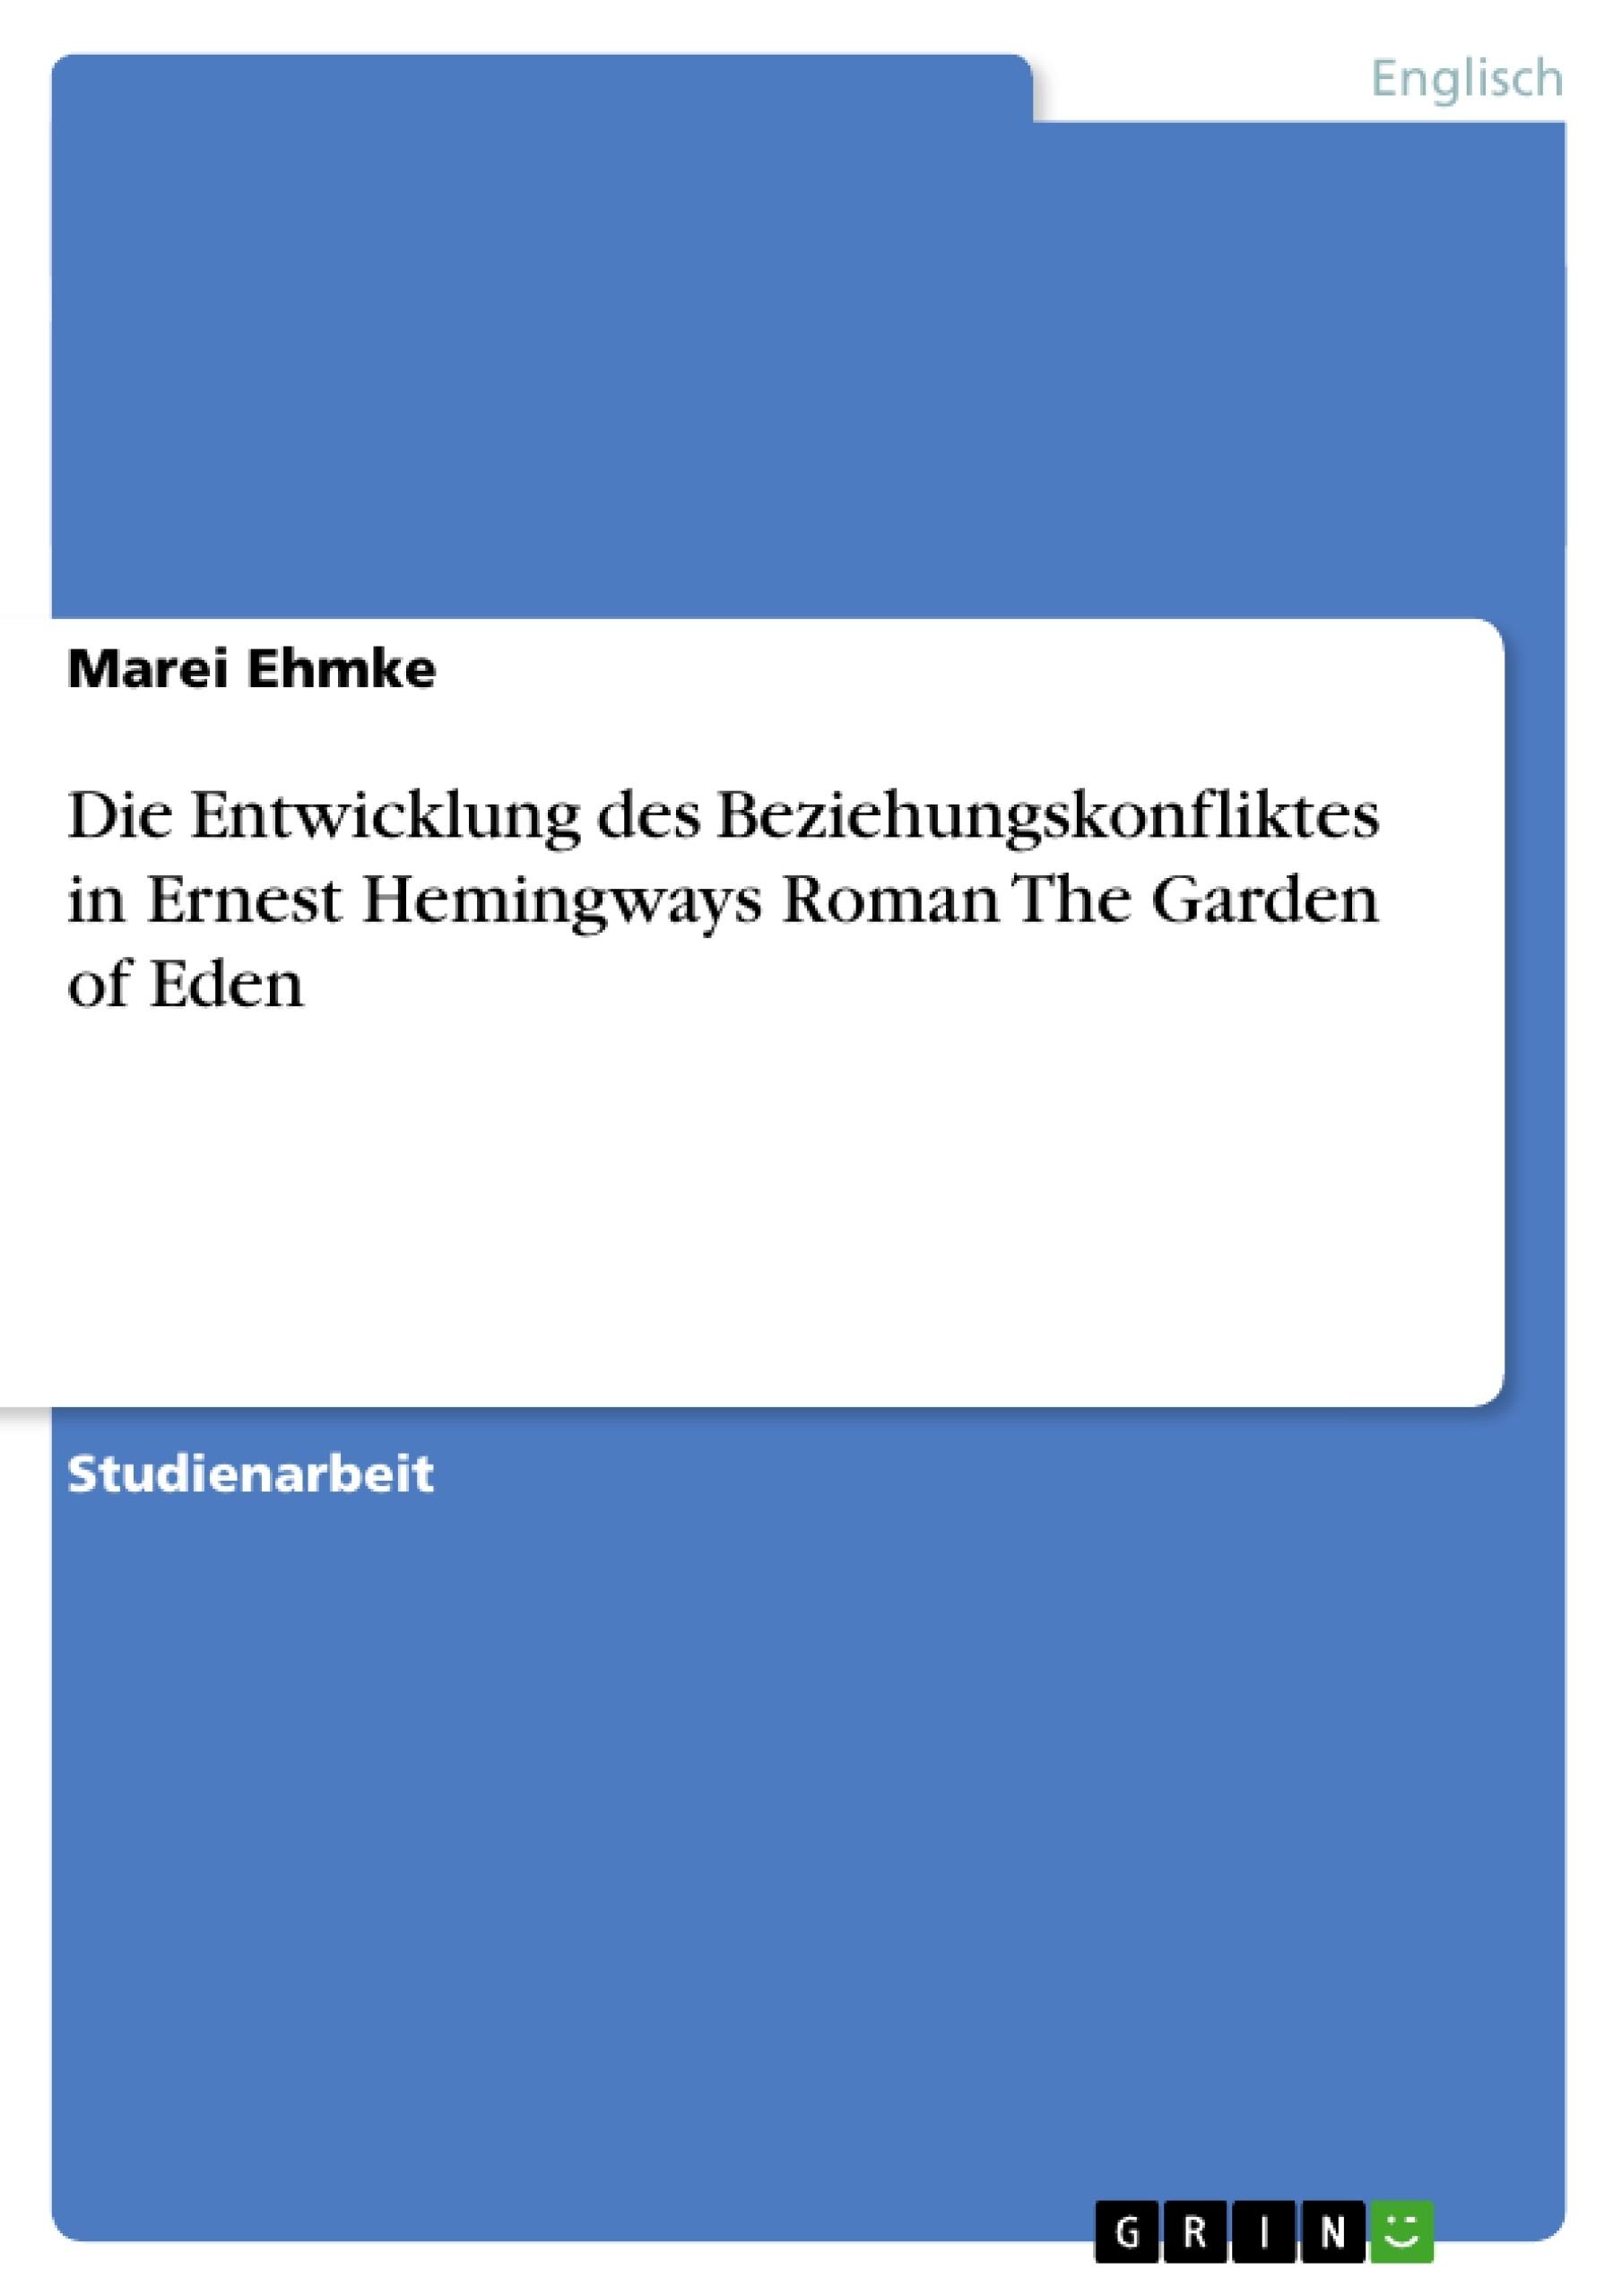 Titel: Die Entwicklung des Beziehungskonfliktes in Ernest Hemingways Roman The Garden of Eden